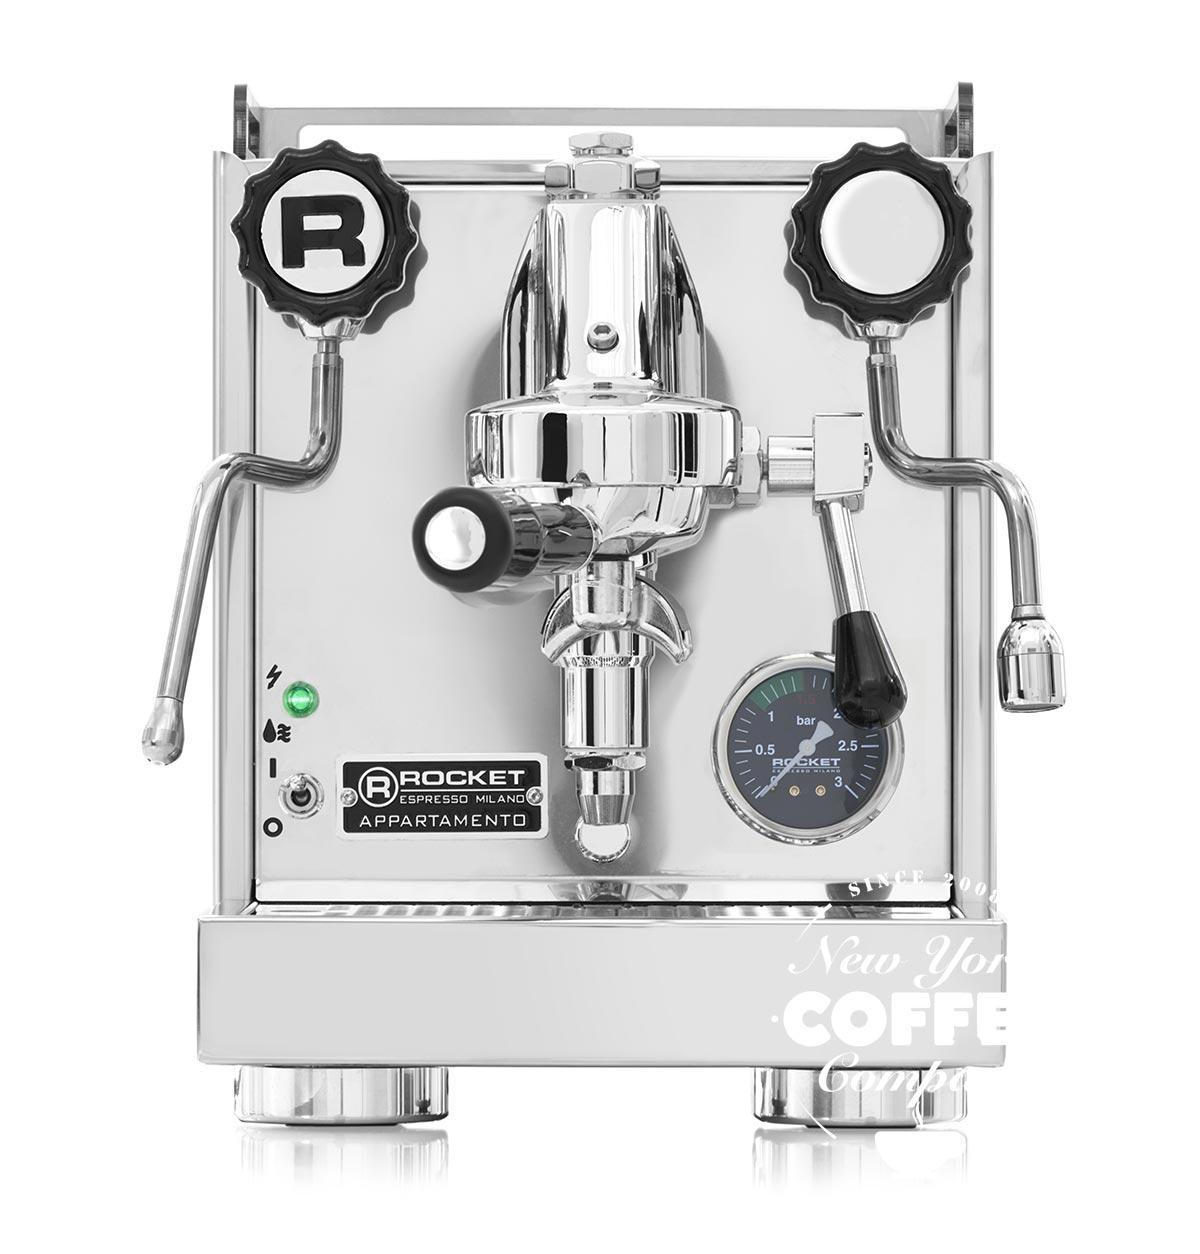 Rocket Appartamento Espressomaschine Schwarz